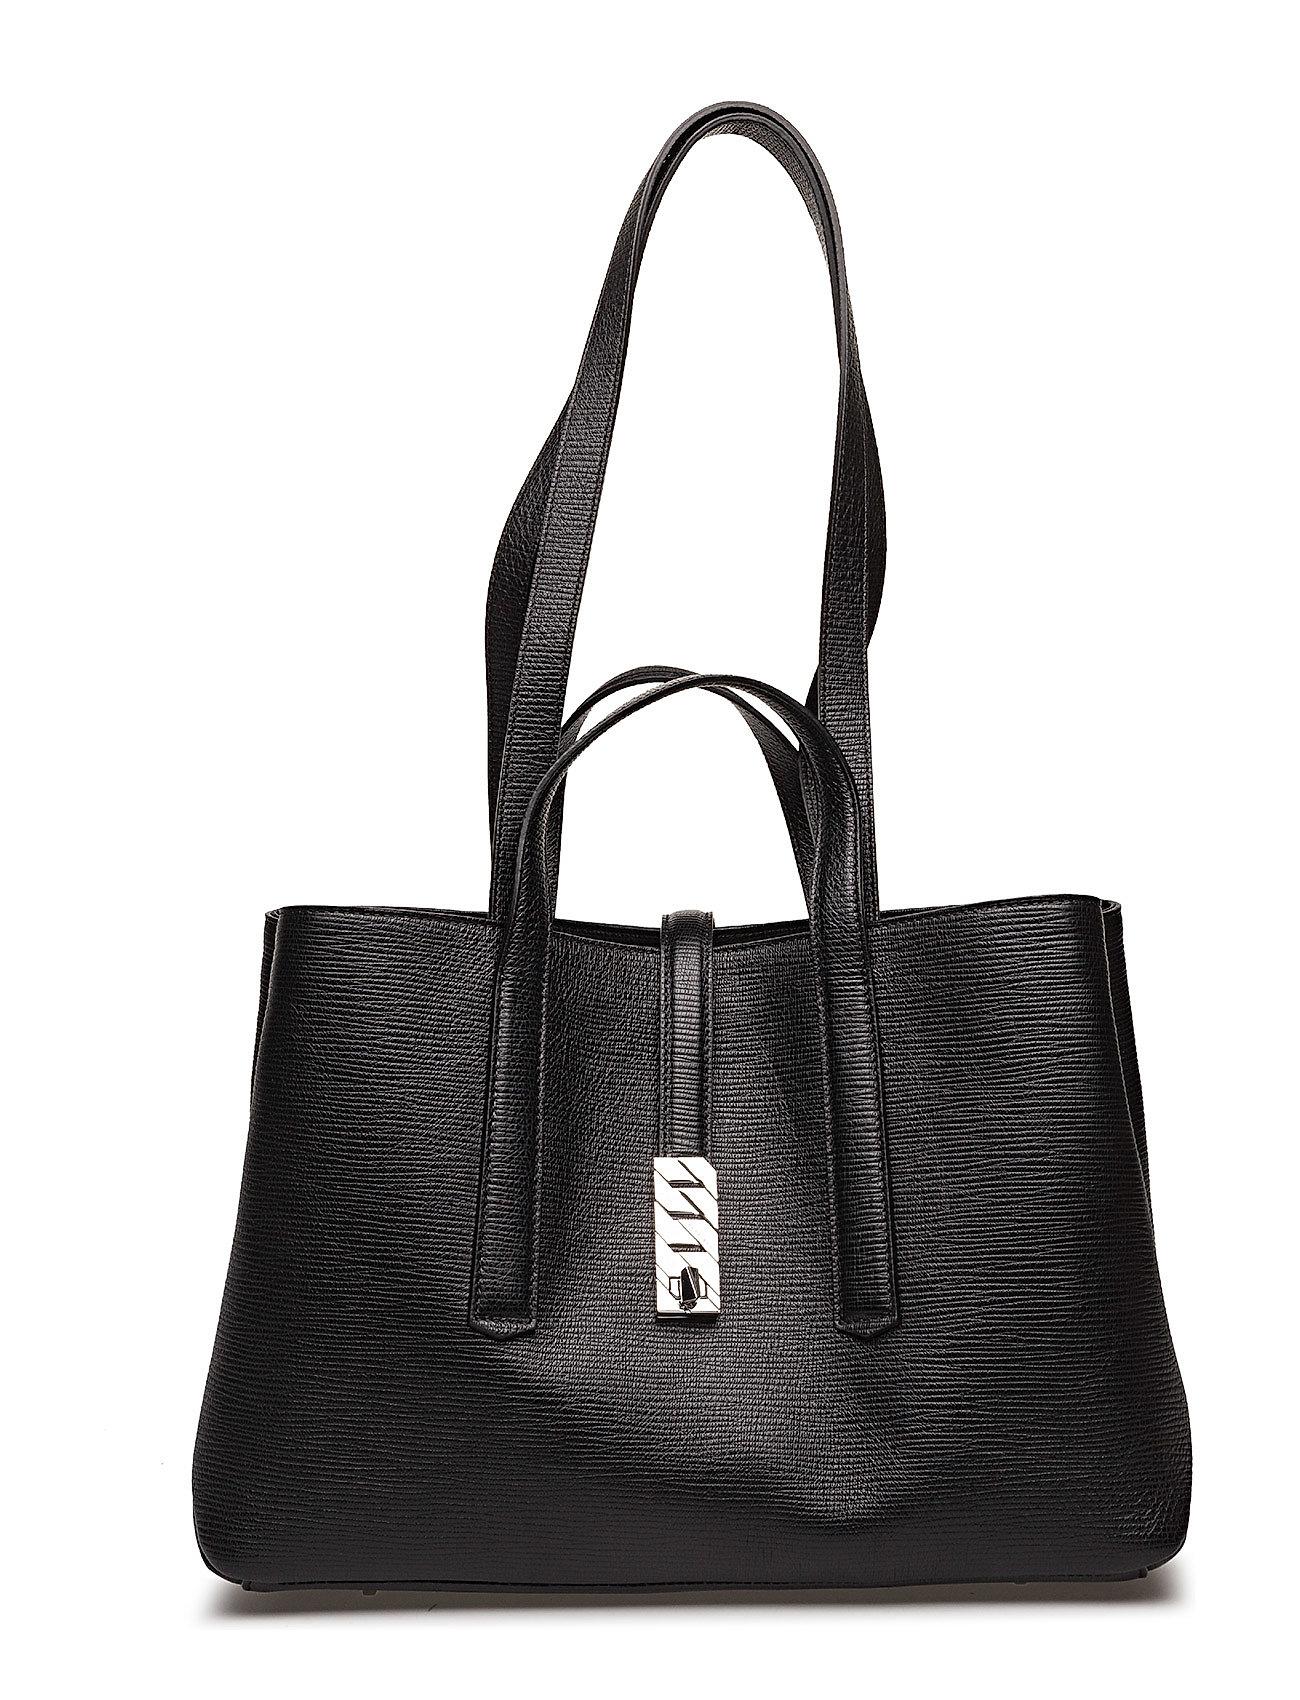 Tasche Sale - Veronika Workbag